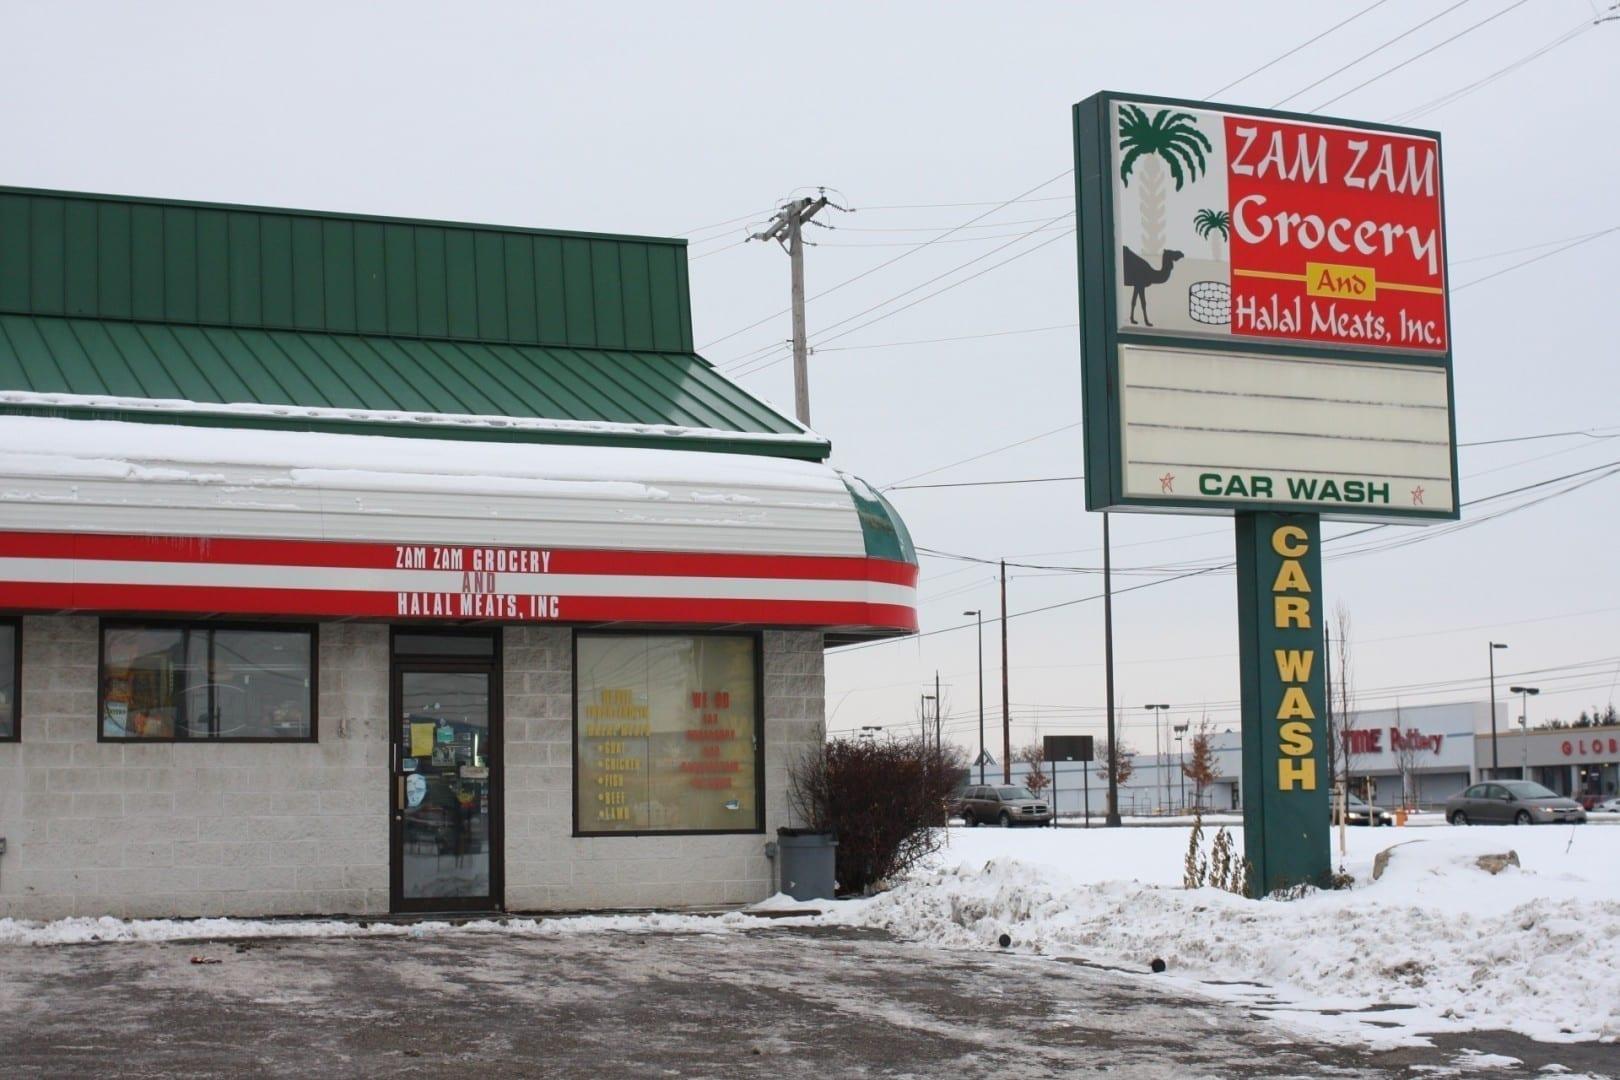 Una tienda de comestibles somalí en Columbus Columbus OH Estados Unidos